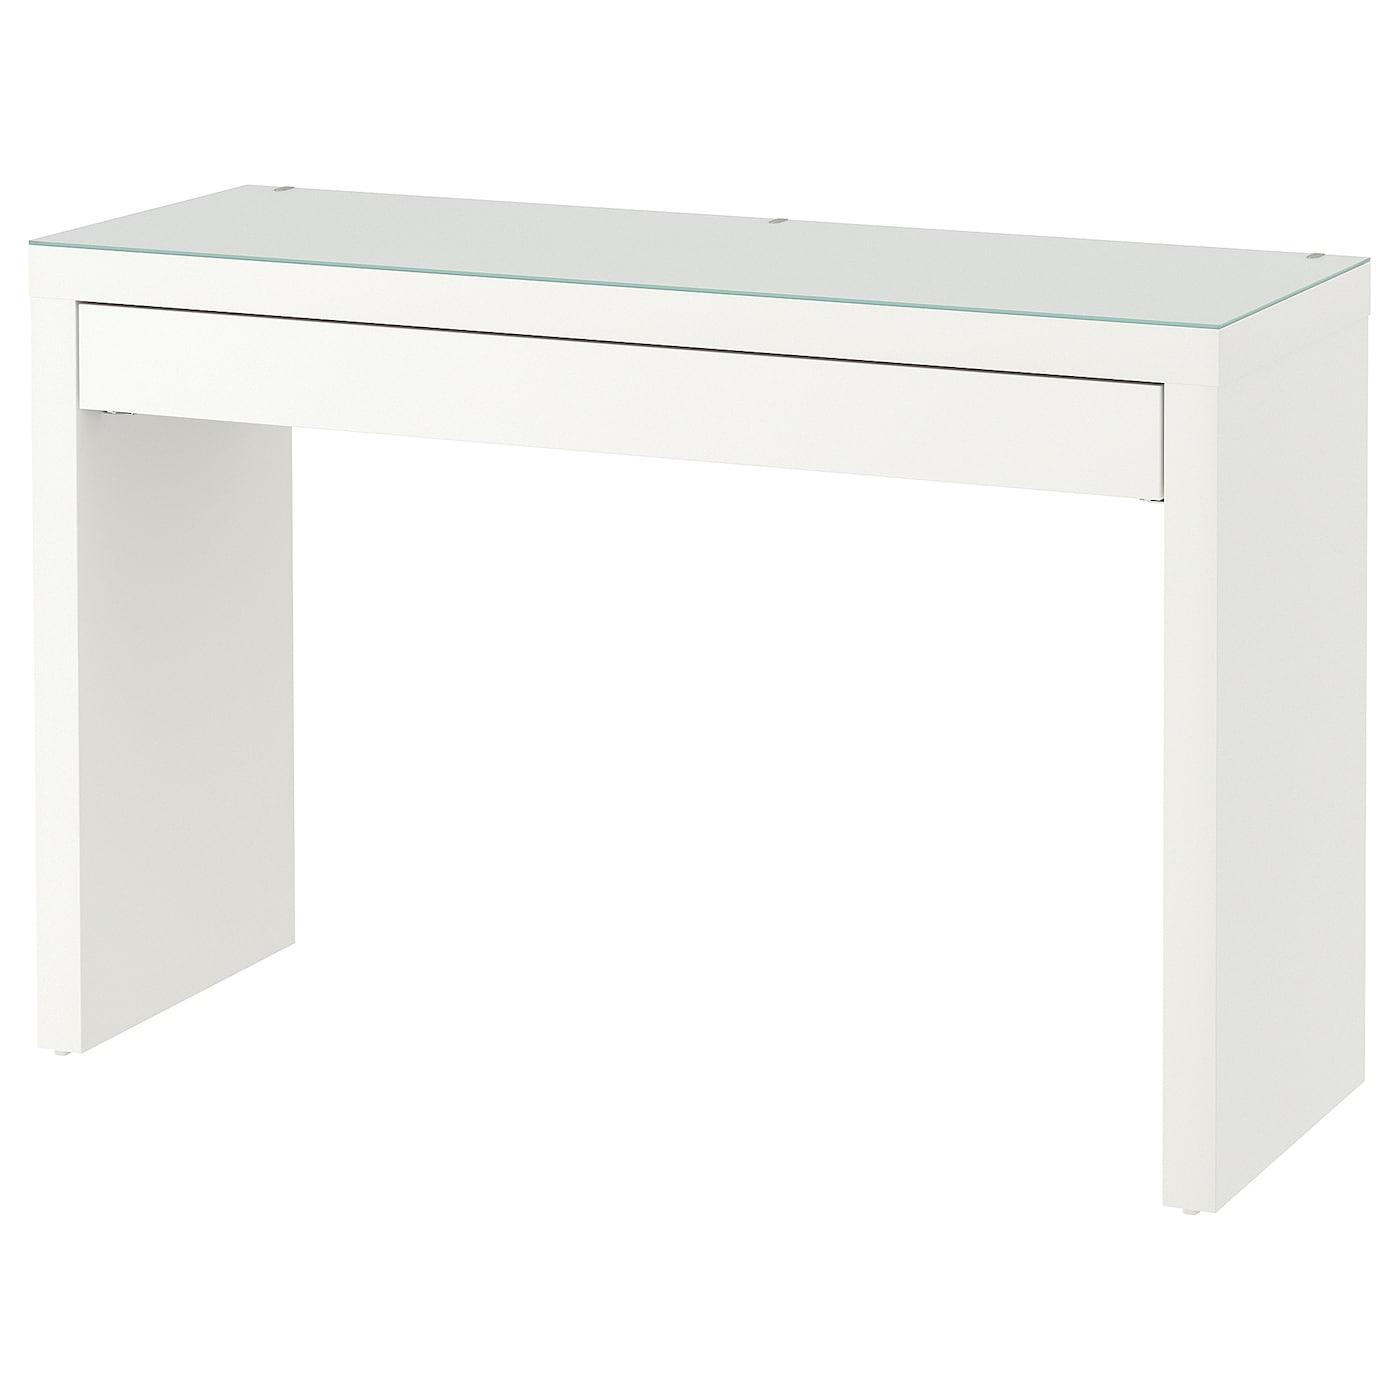 MALM Toaletka, biały, 120x41 cm, Kup online lub w sklepie IKEA